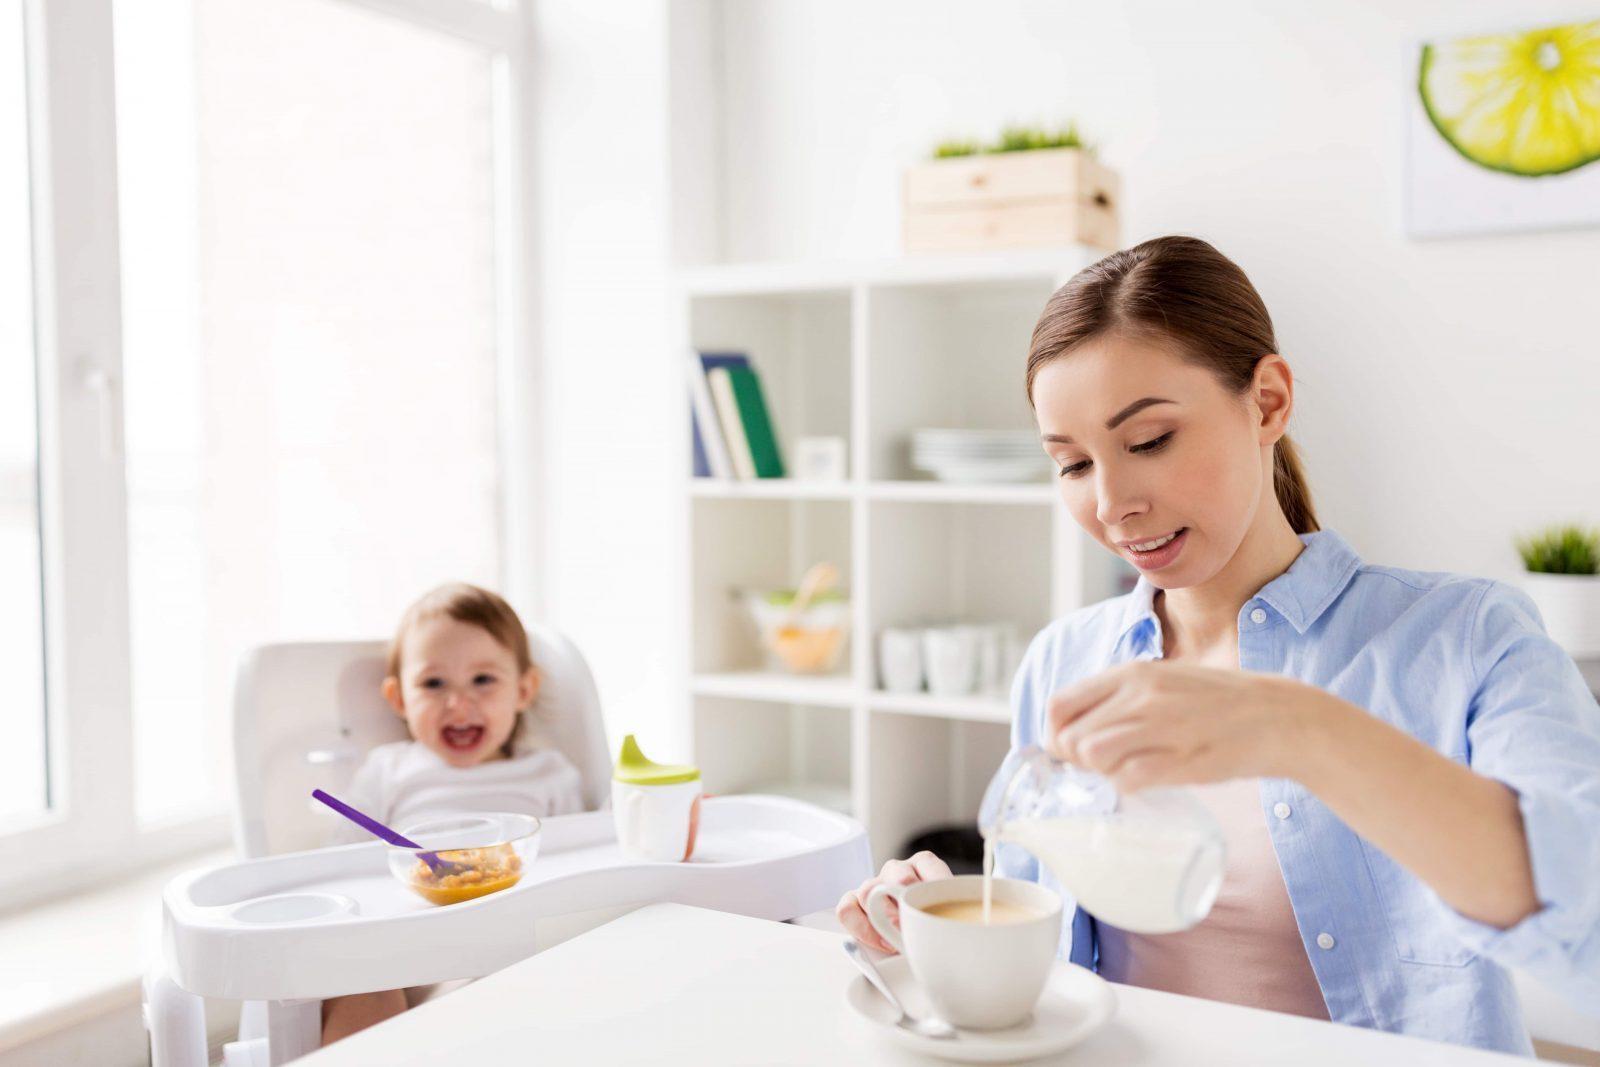 почему кормящим нельзя пить кофе